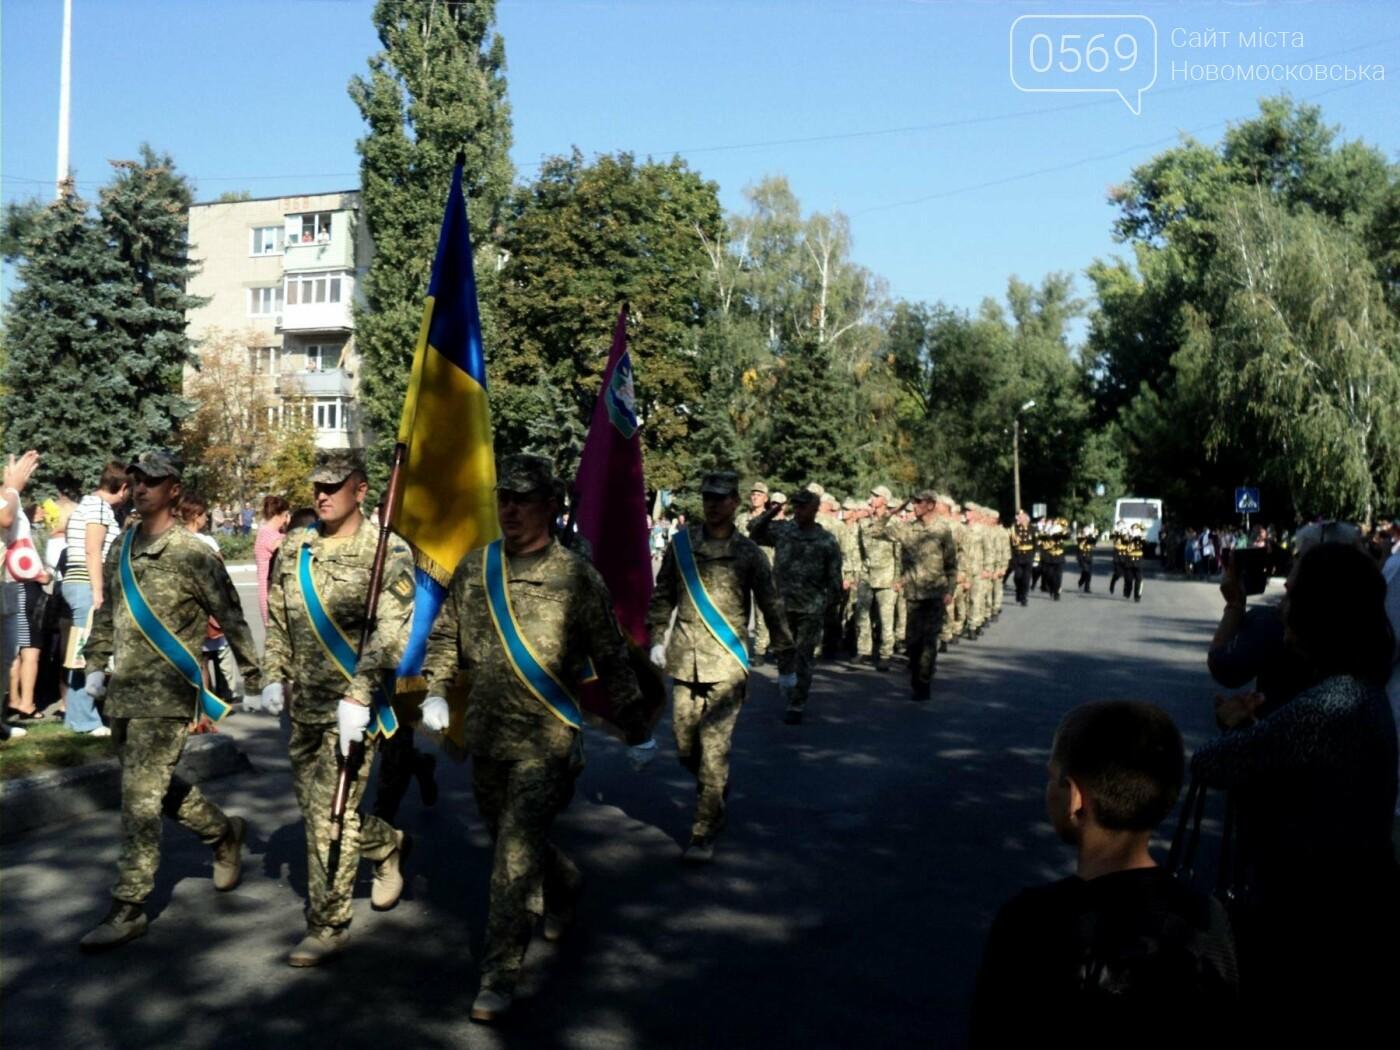 В Новомосковську пройшов урочистий мітинг до Дня міста, фото-1